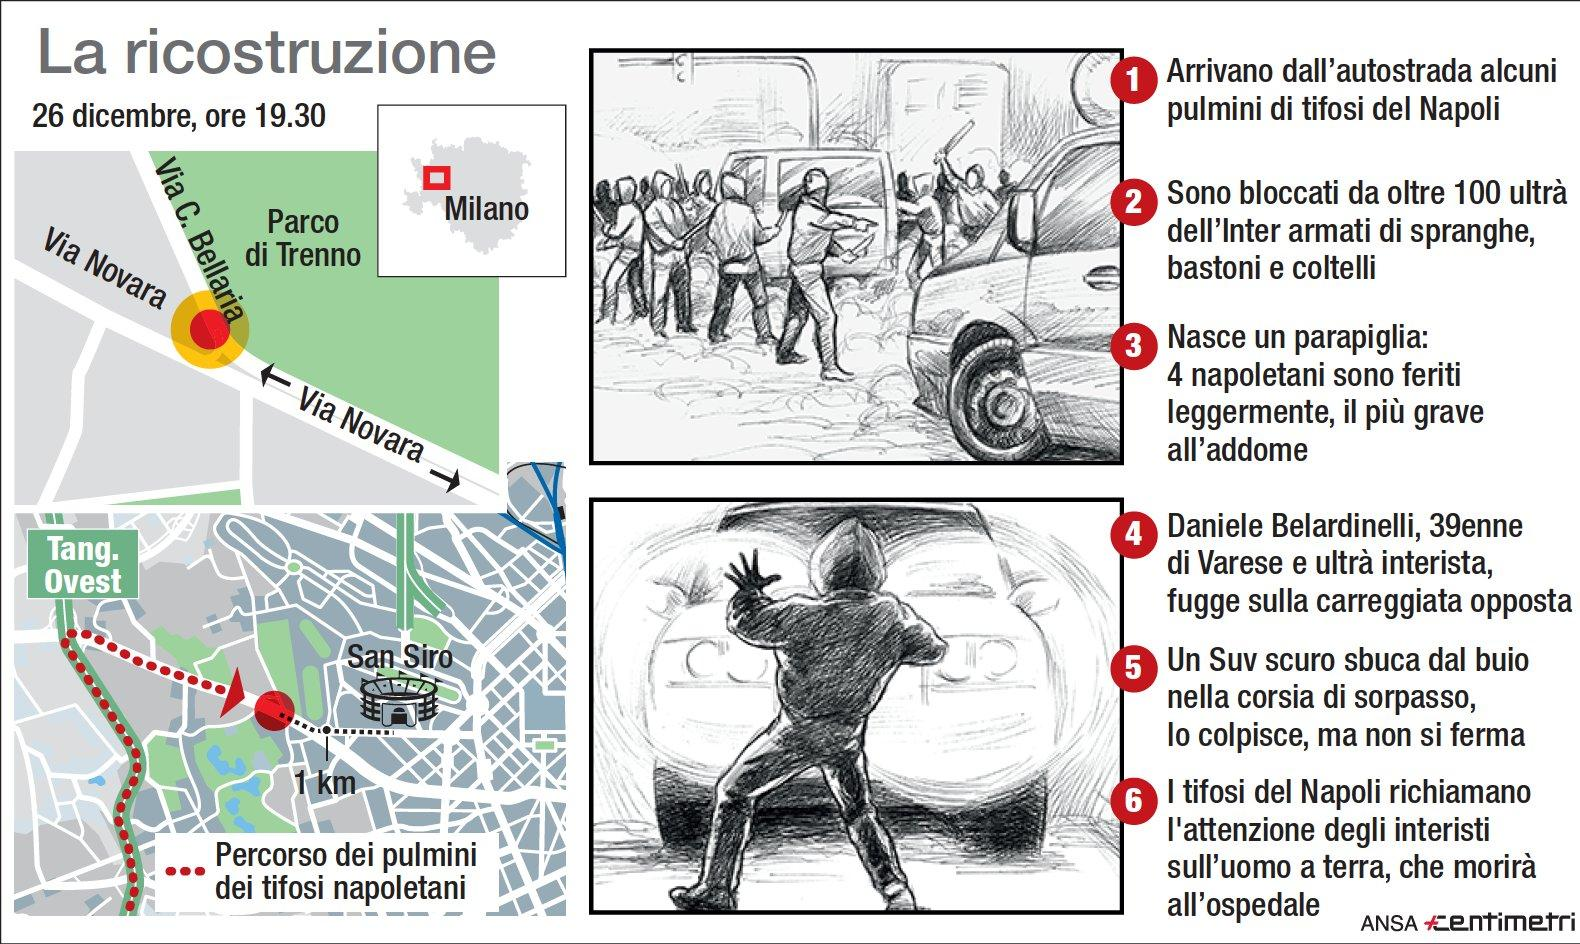 Milano, un morto fuori dallo stadio: la ricostruzione